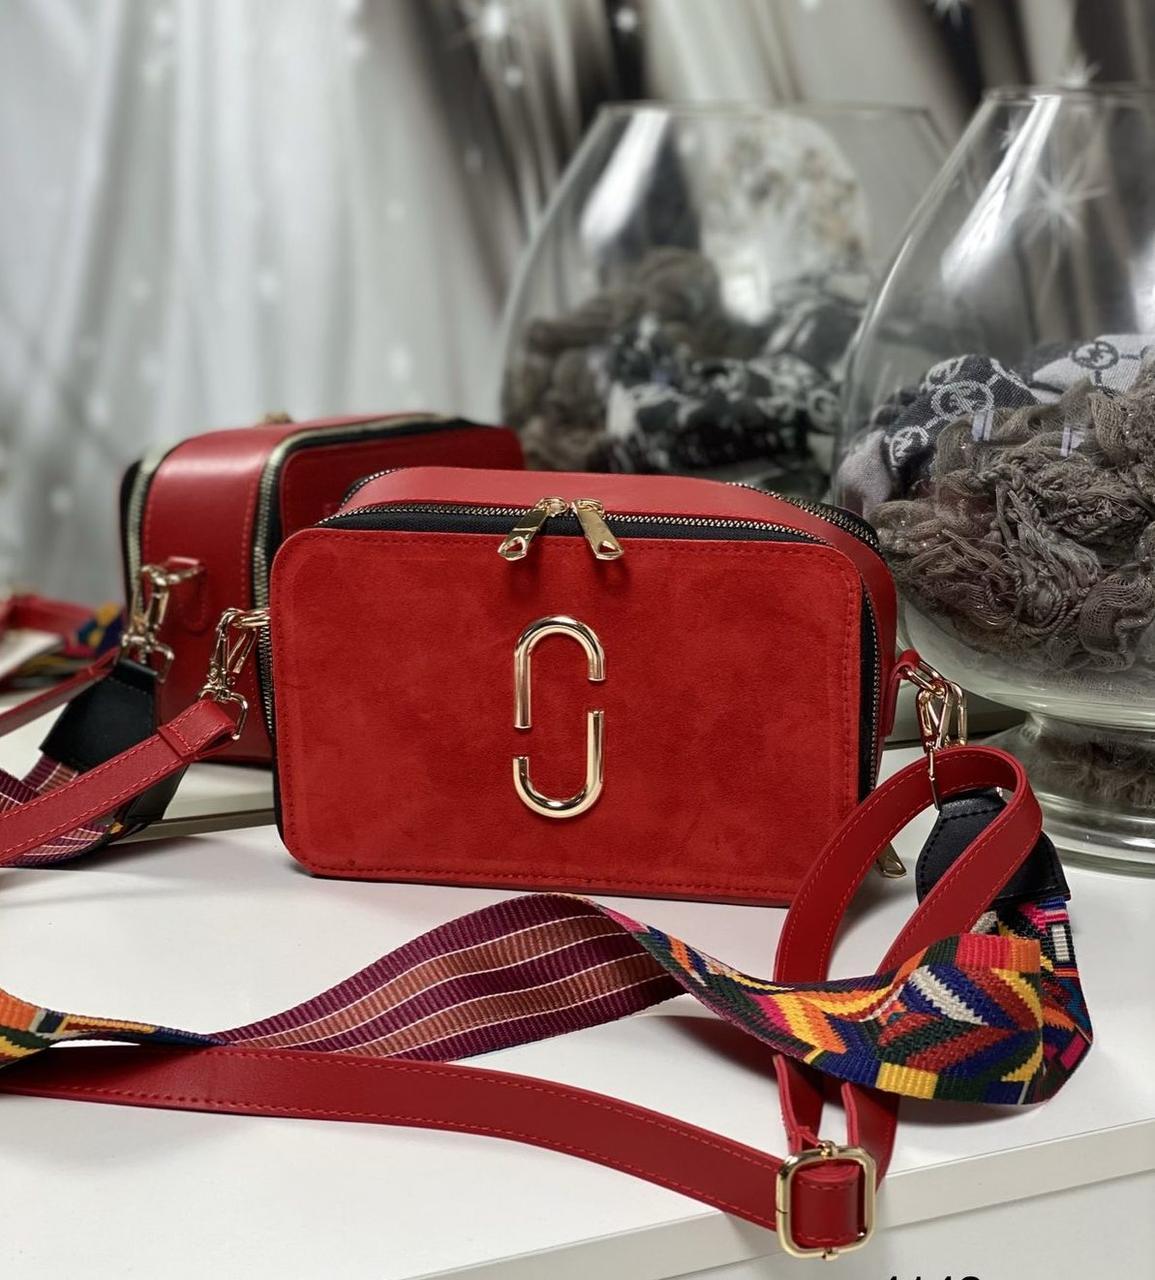 Женская сумка на широком ремне сумочка брендовая модная молодежная красная замша+экокожа